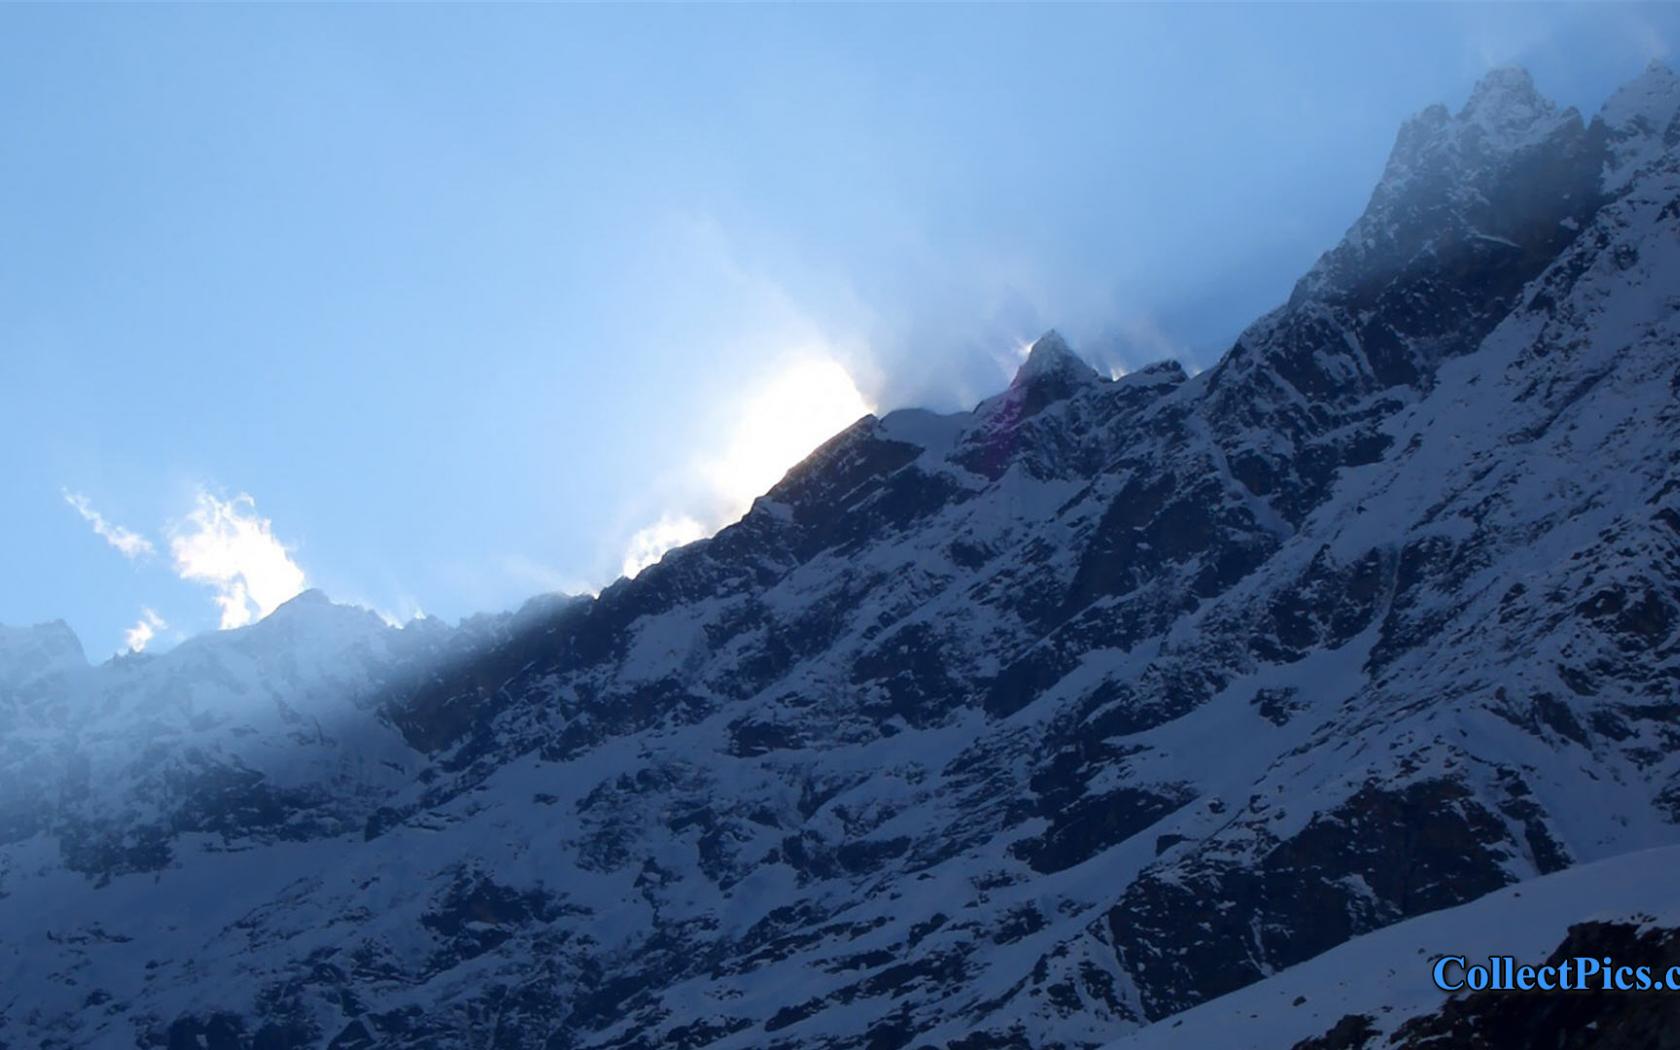 Free Download Mountain Snow 1080p Wallpaper Hd 1920x1080 5890